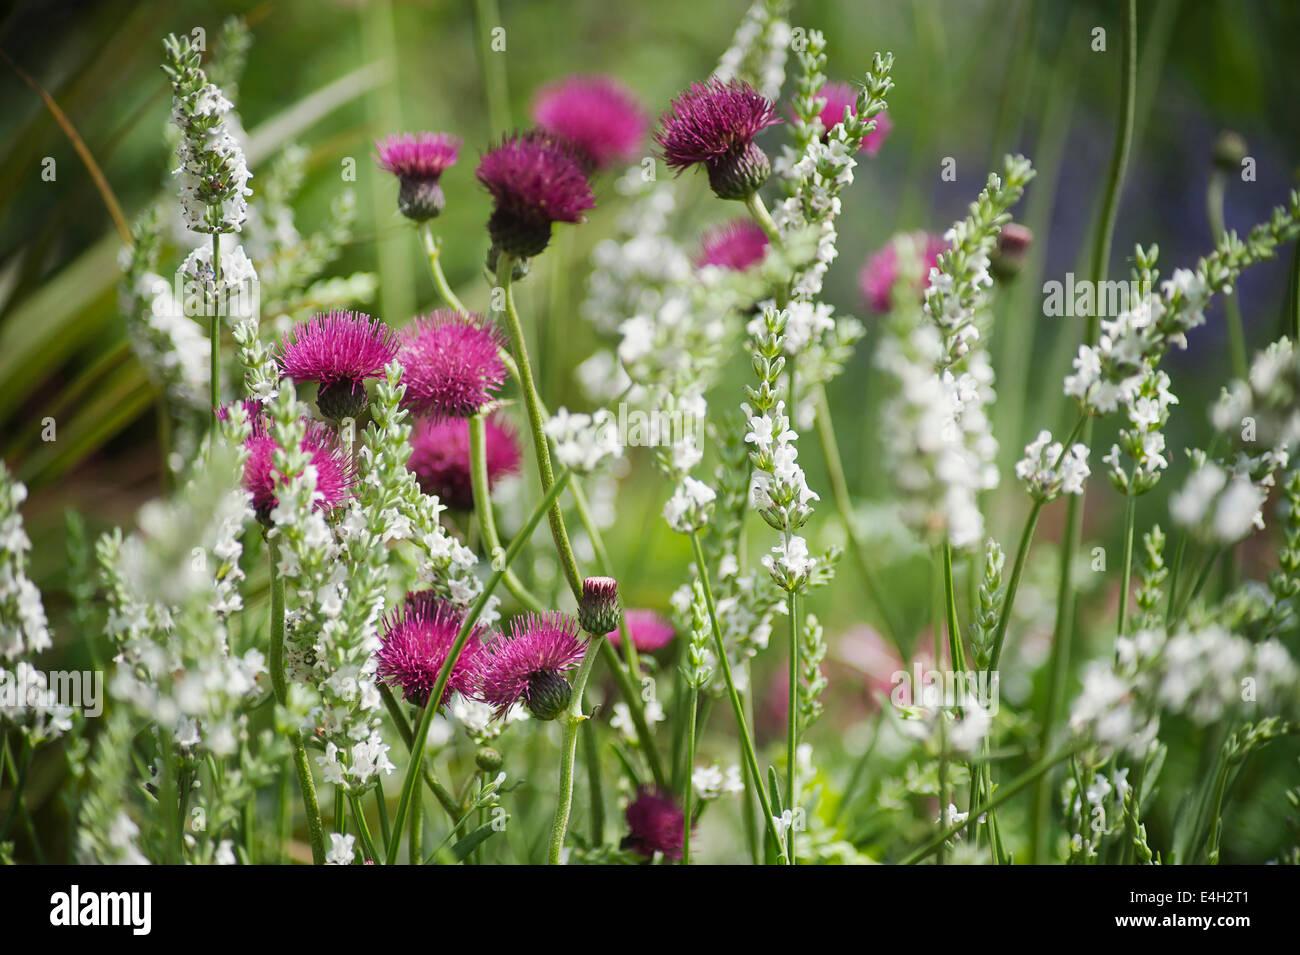 Cirsium, Cirsium rivulare 'Atropurpureum'. - Stock Image